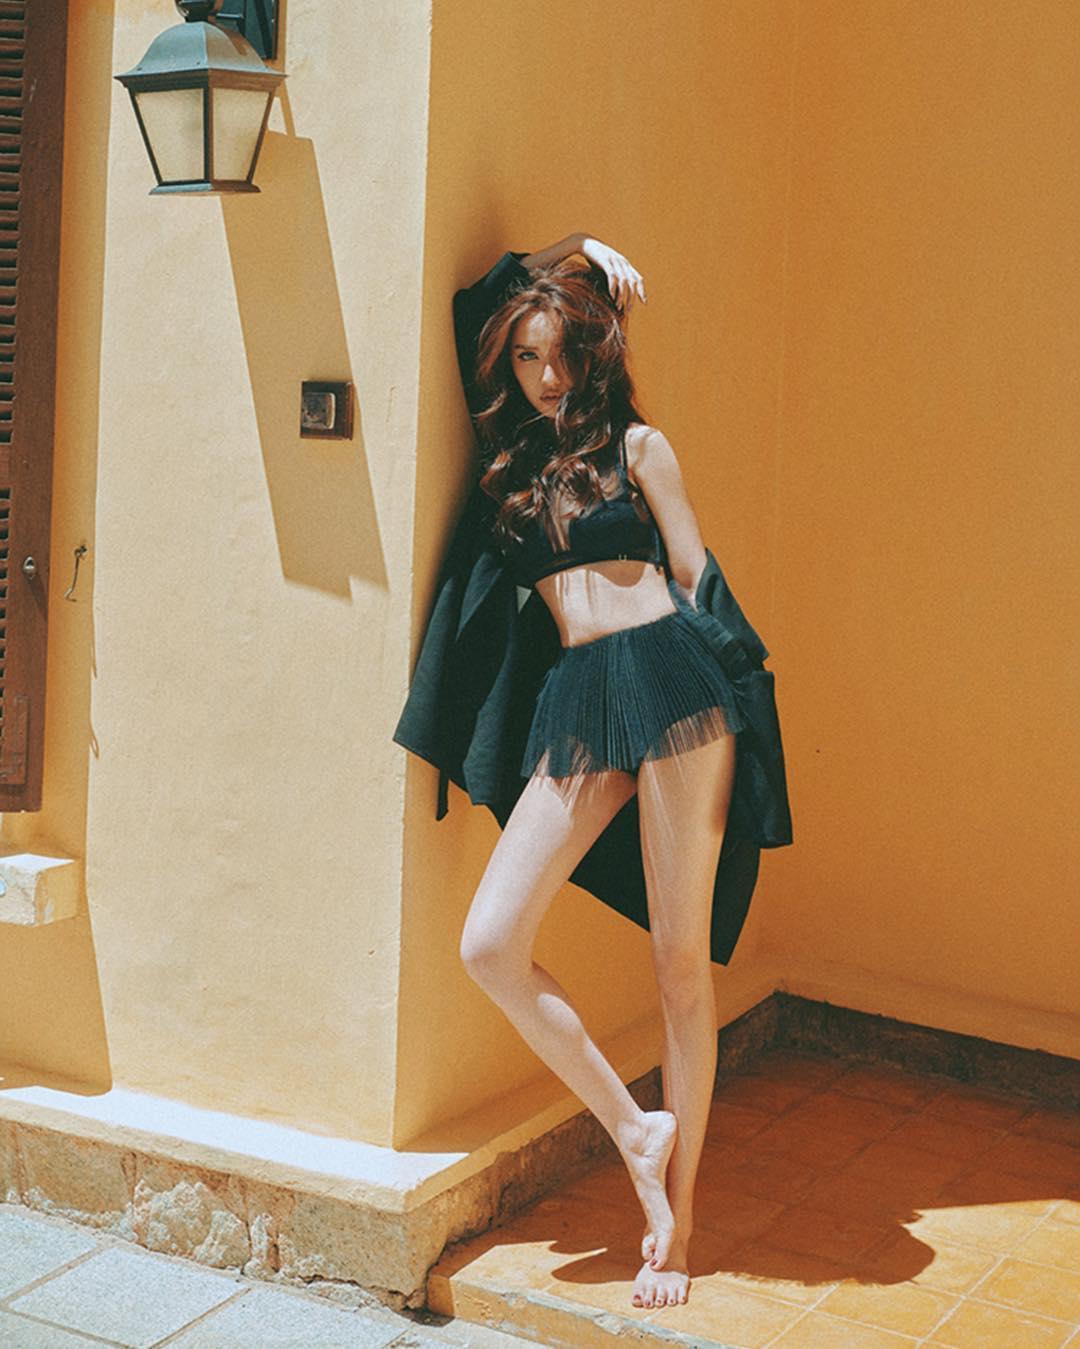 Ngoài Bích Phương, showbiz Việt còn những đôi chân 'cực phẩm' nhìn là mê - Ảnh 3